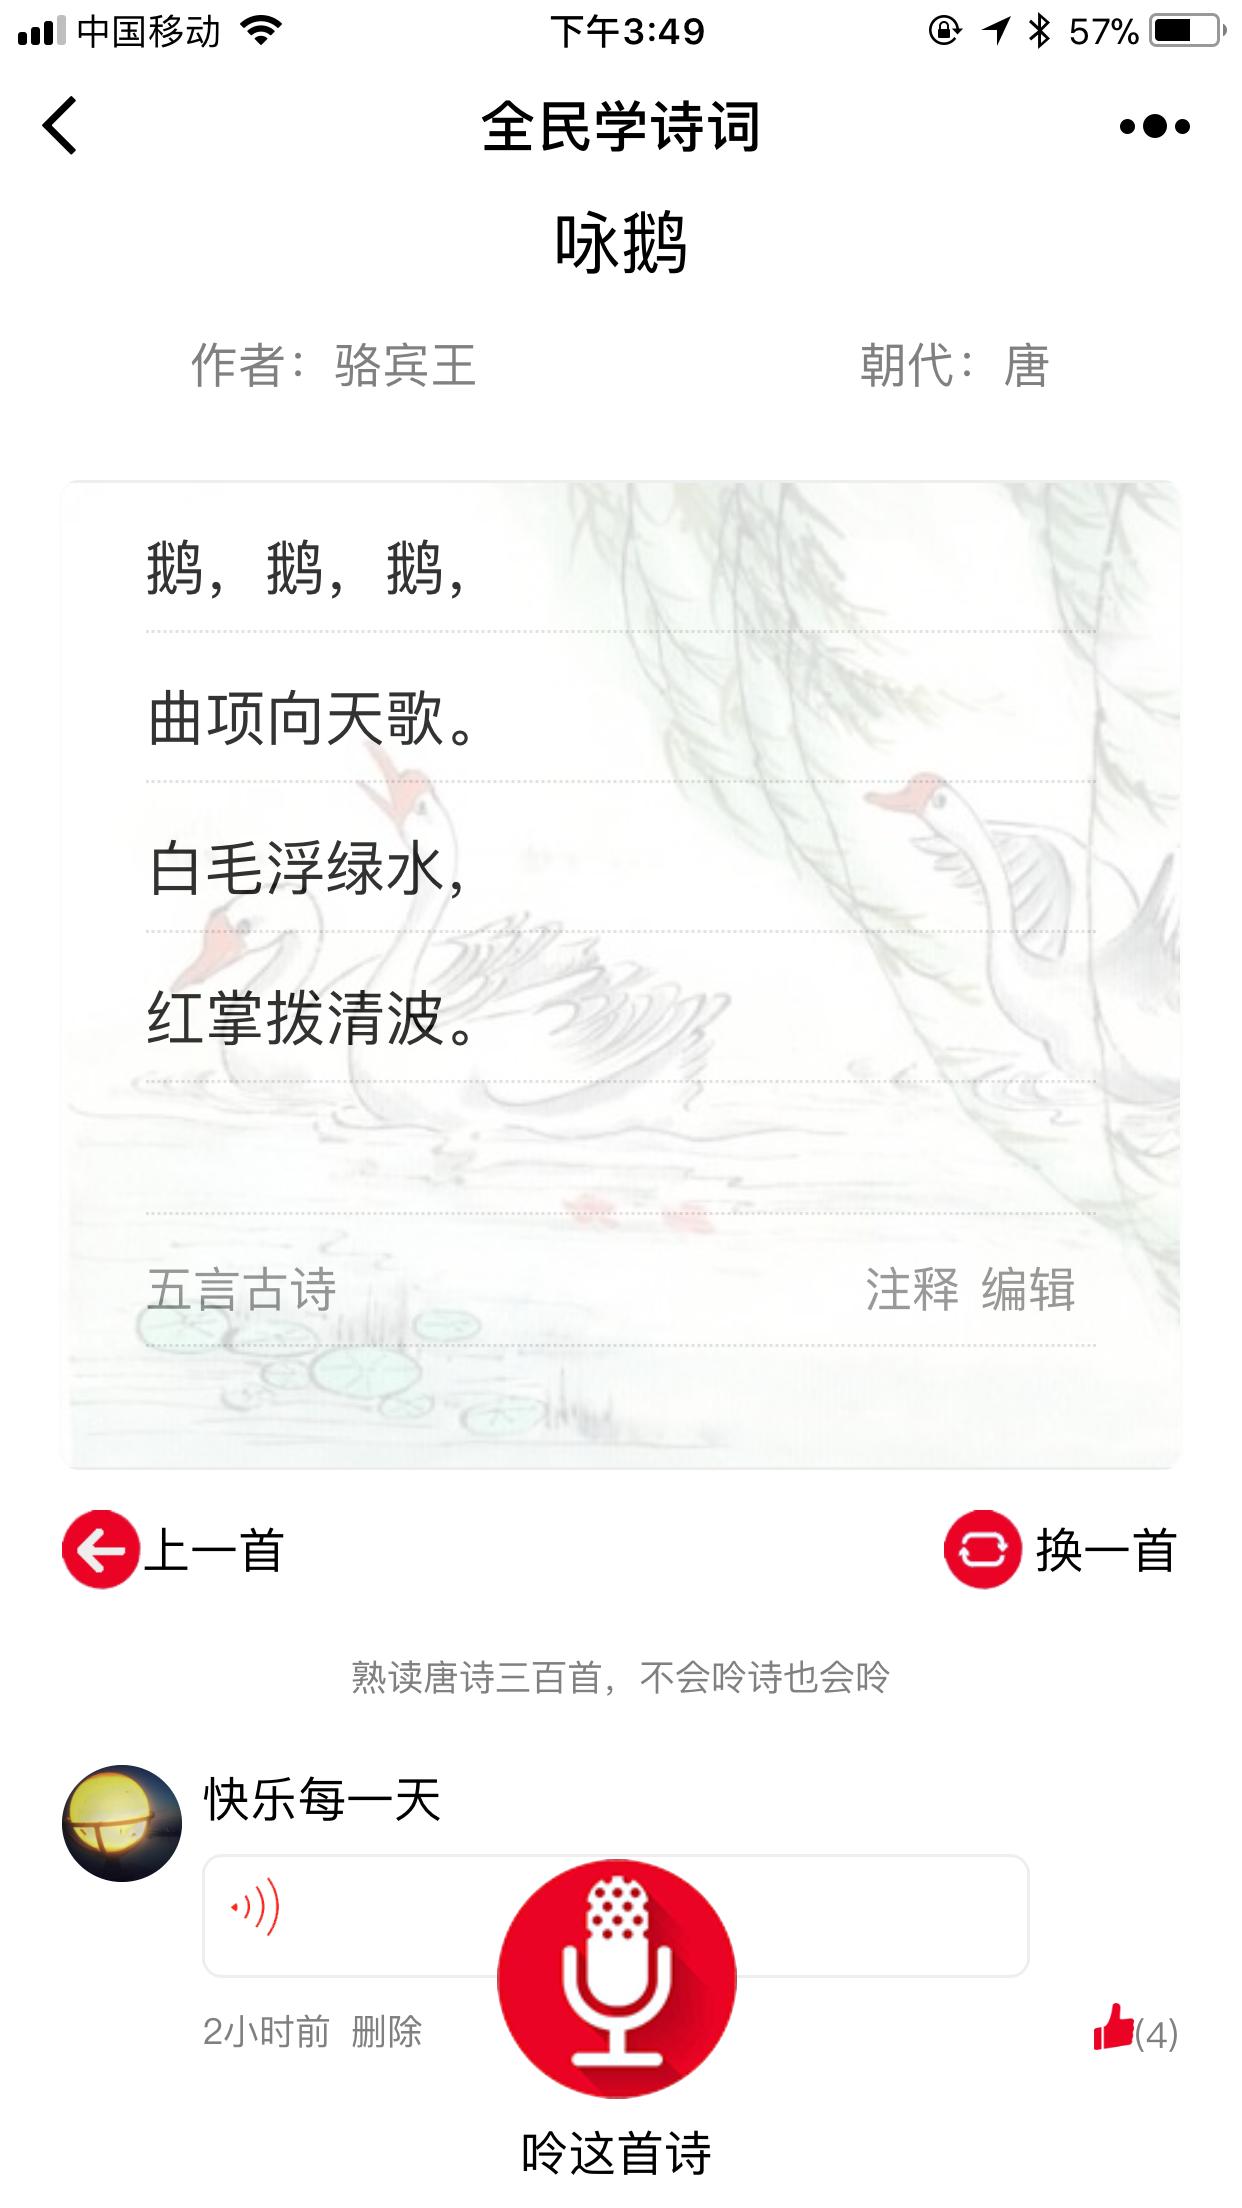 全民学诗词小程序